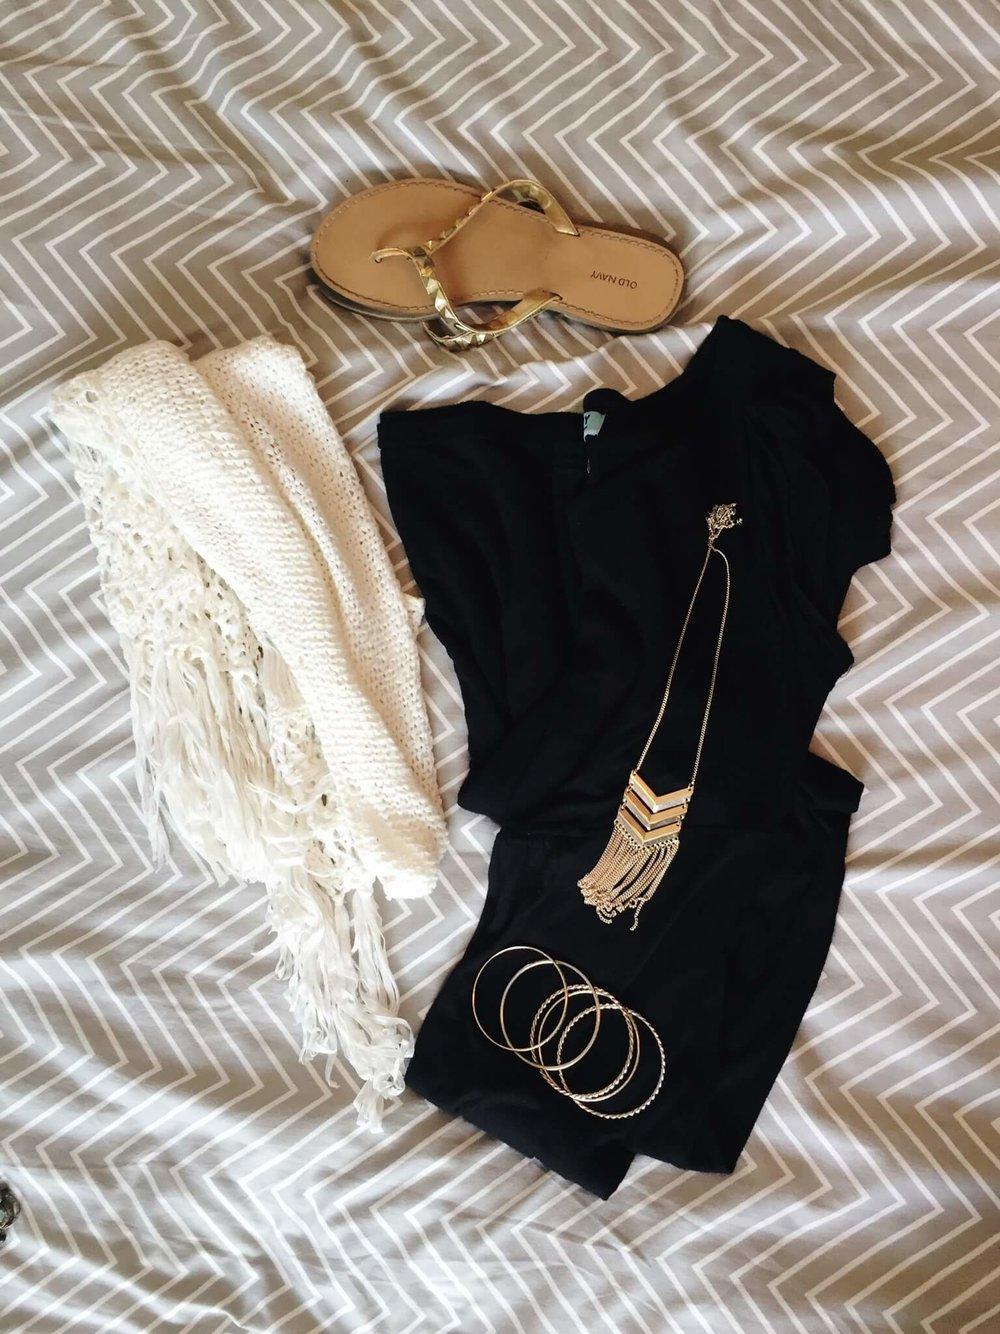 Dress + Crochet Vest + Sandals